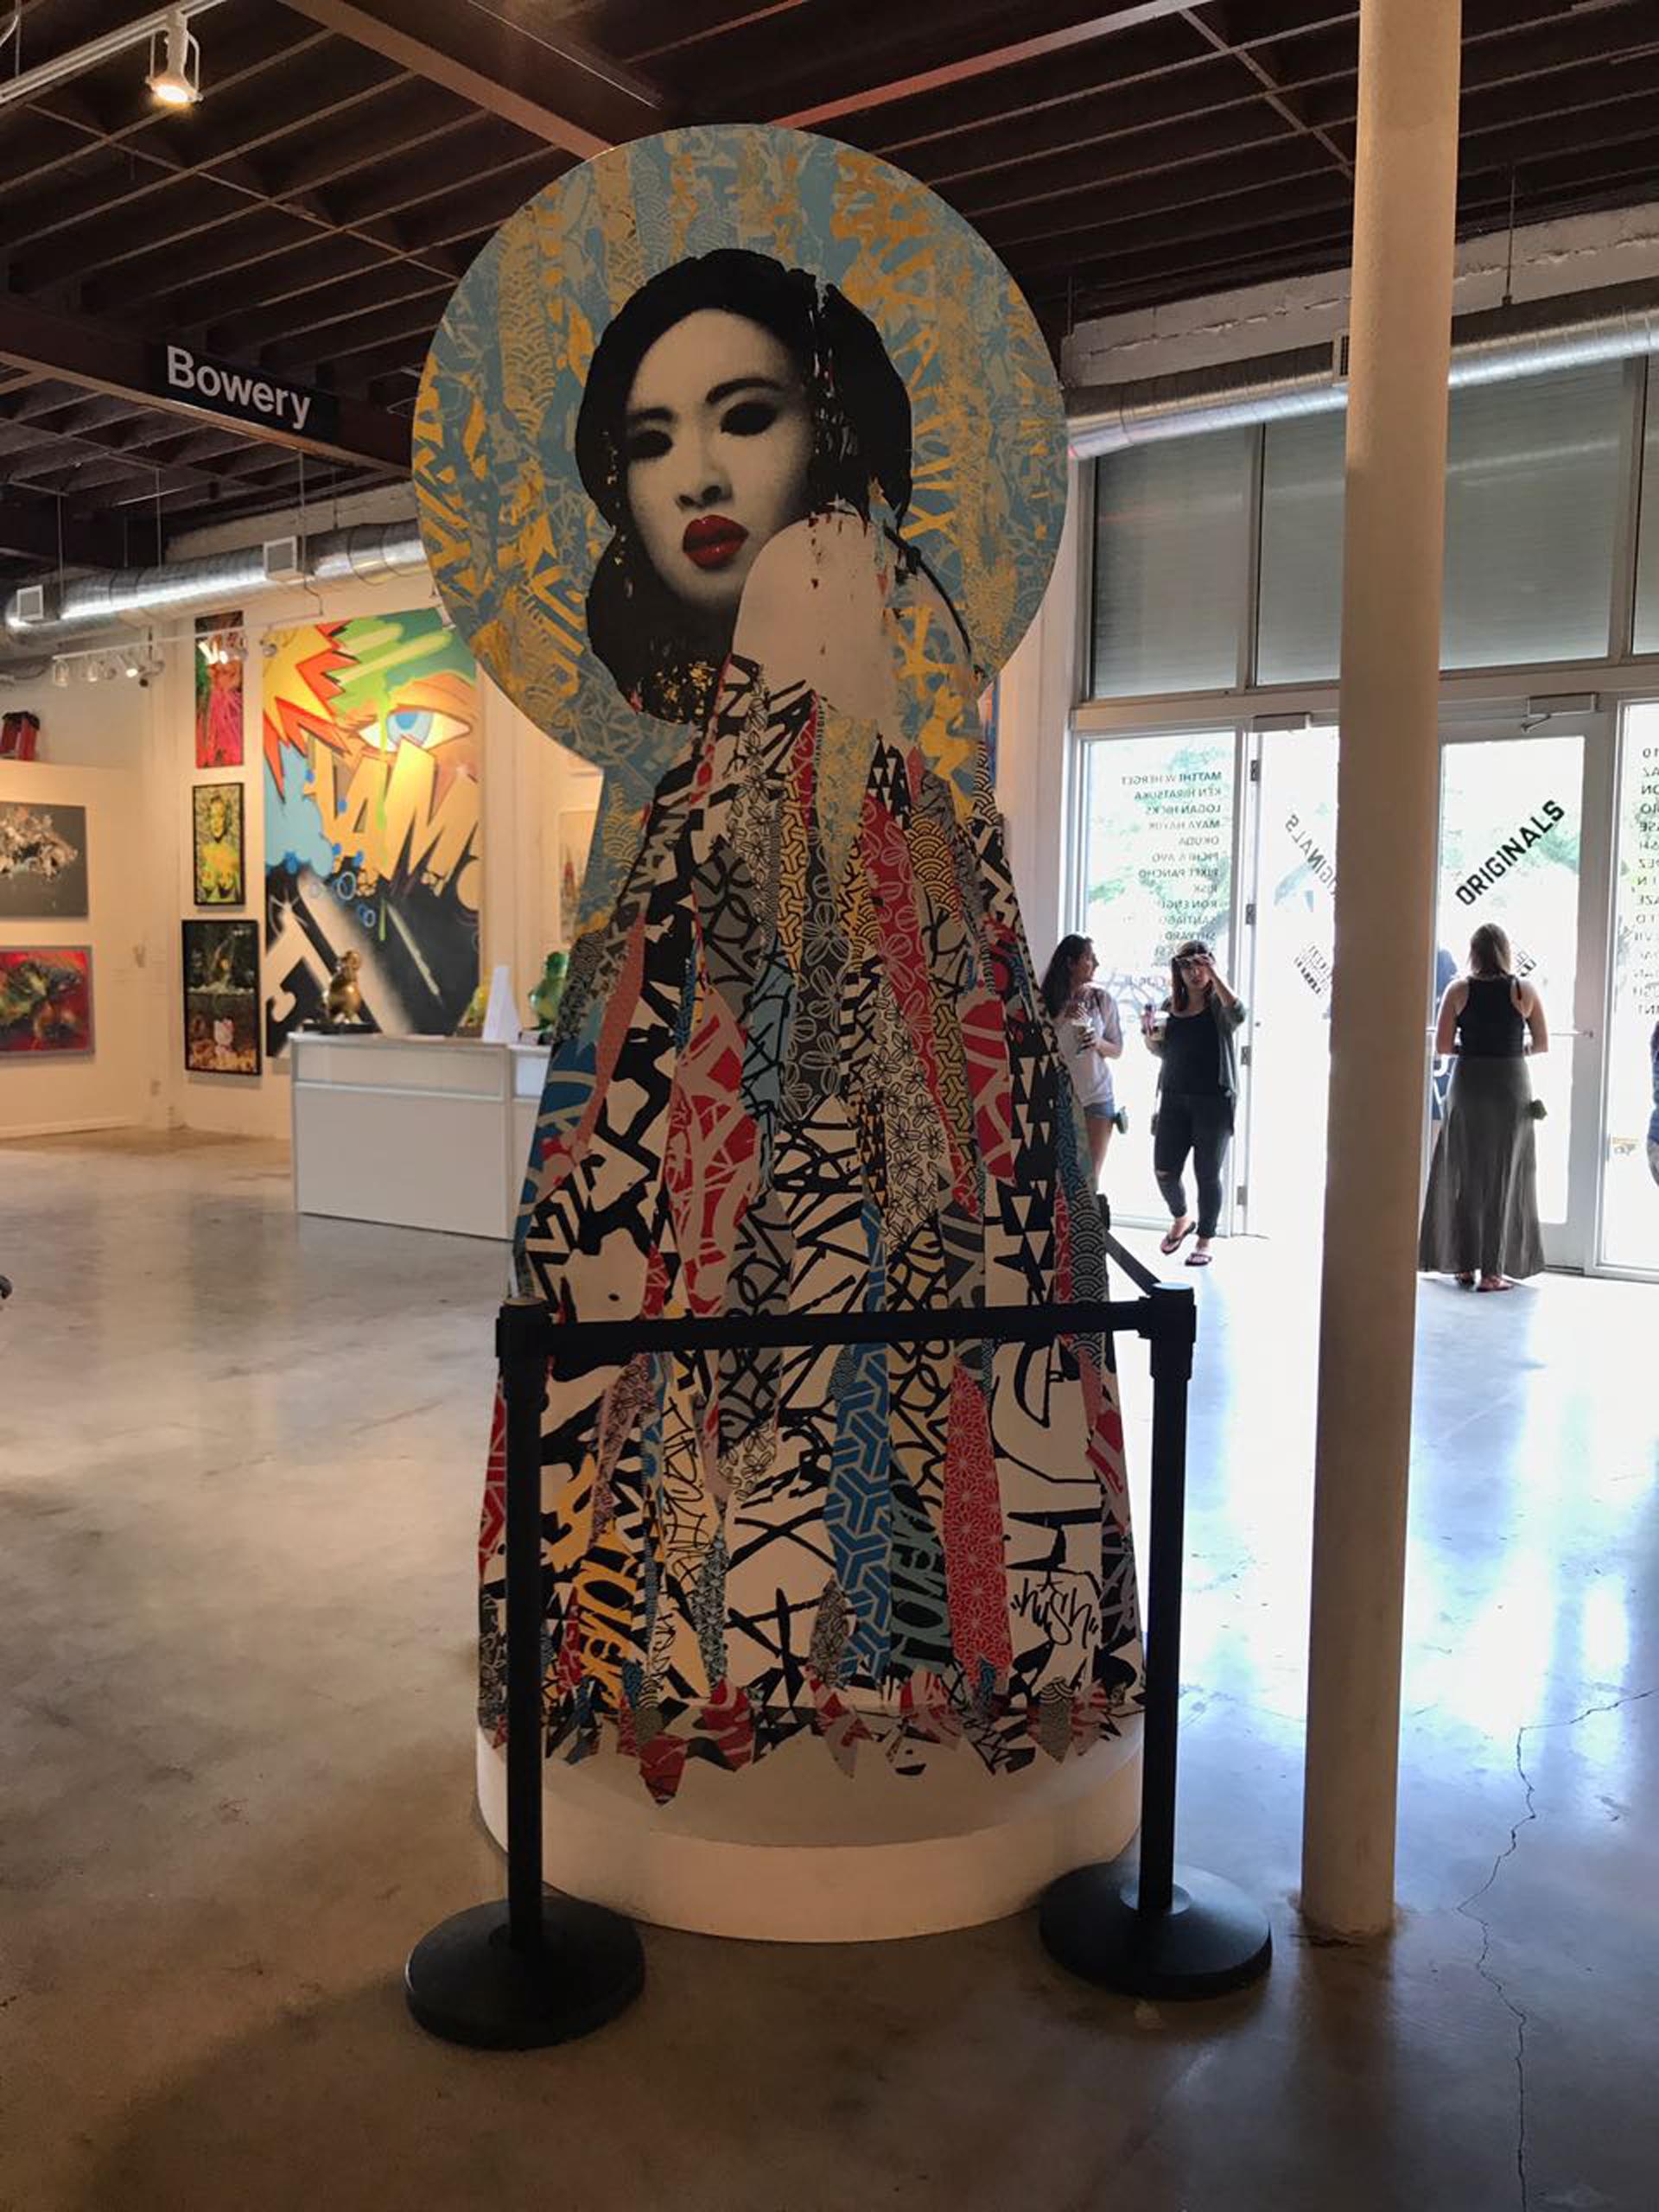 Geisha retratada por Hush, el artista que se inspira en la figura de la mujer para plasmar sus obras.